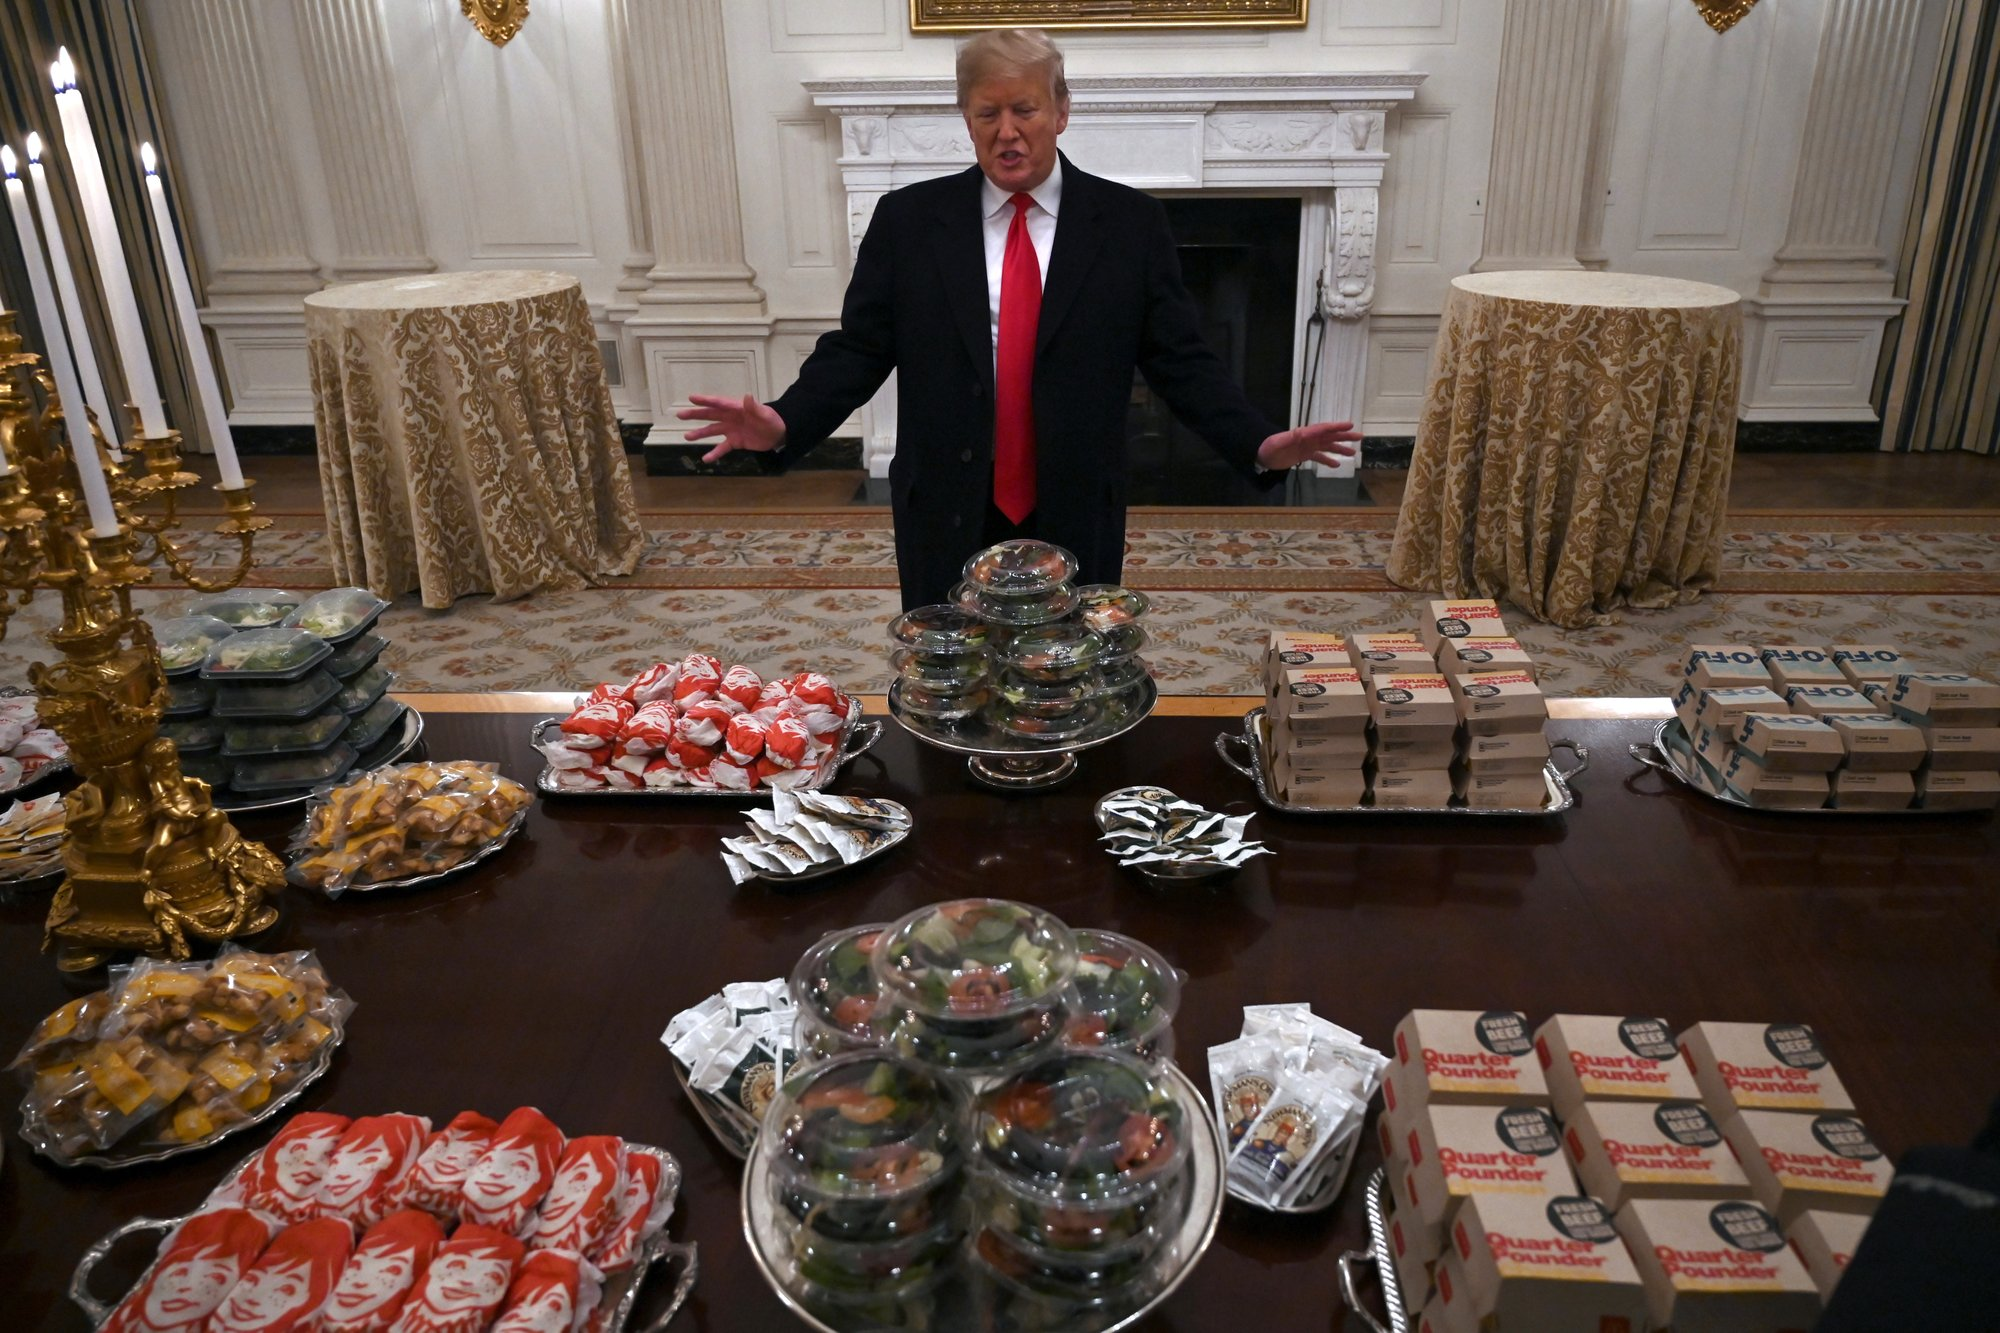 Trump food_1547587730621.jpeg.jpg